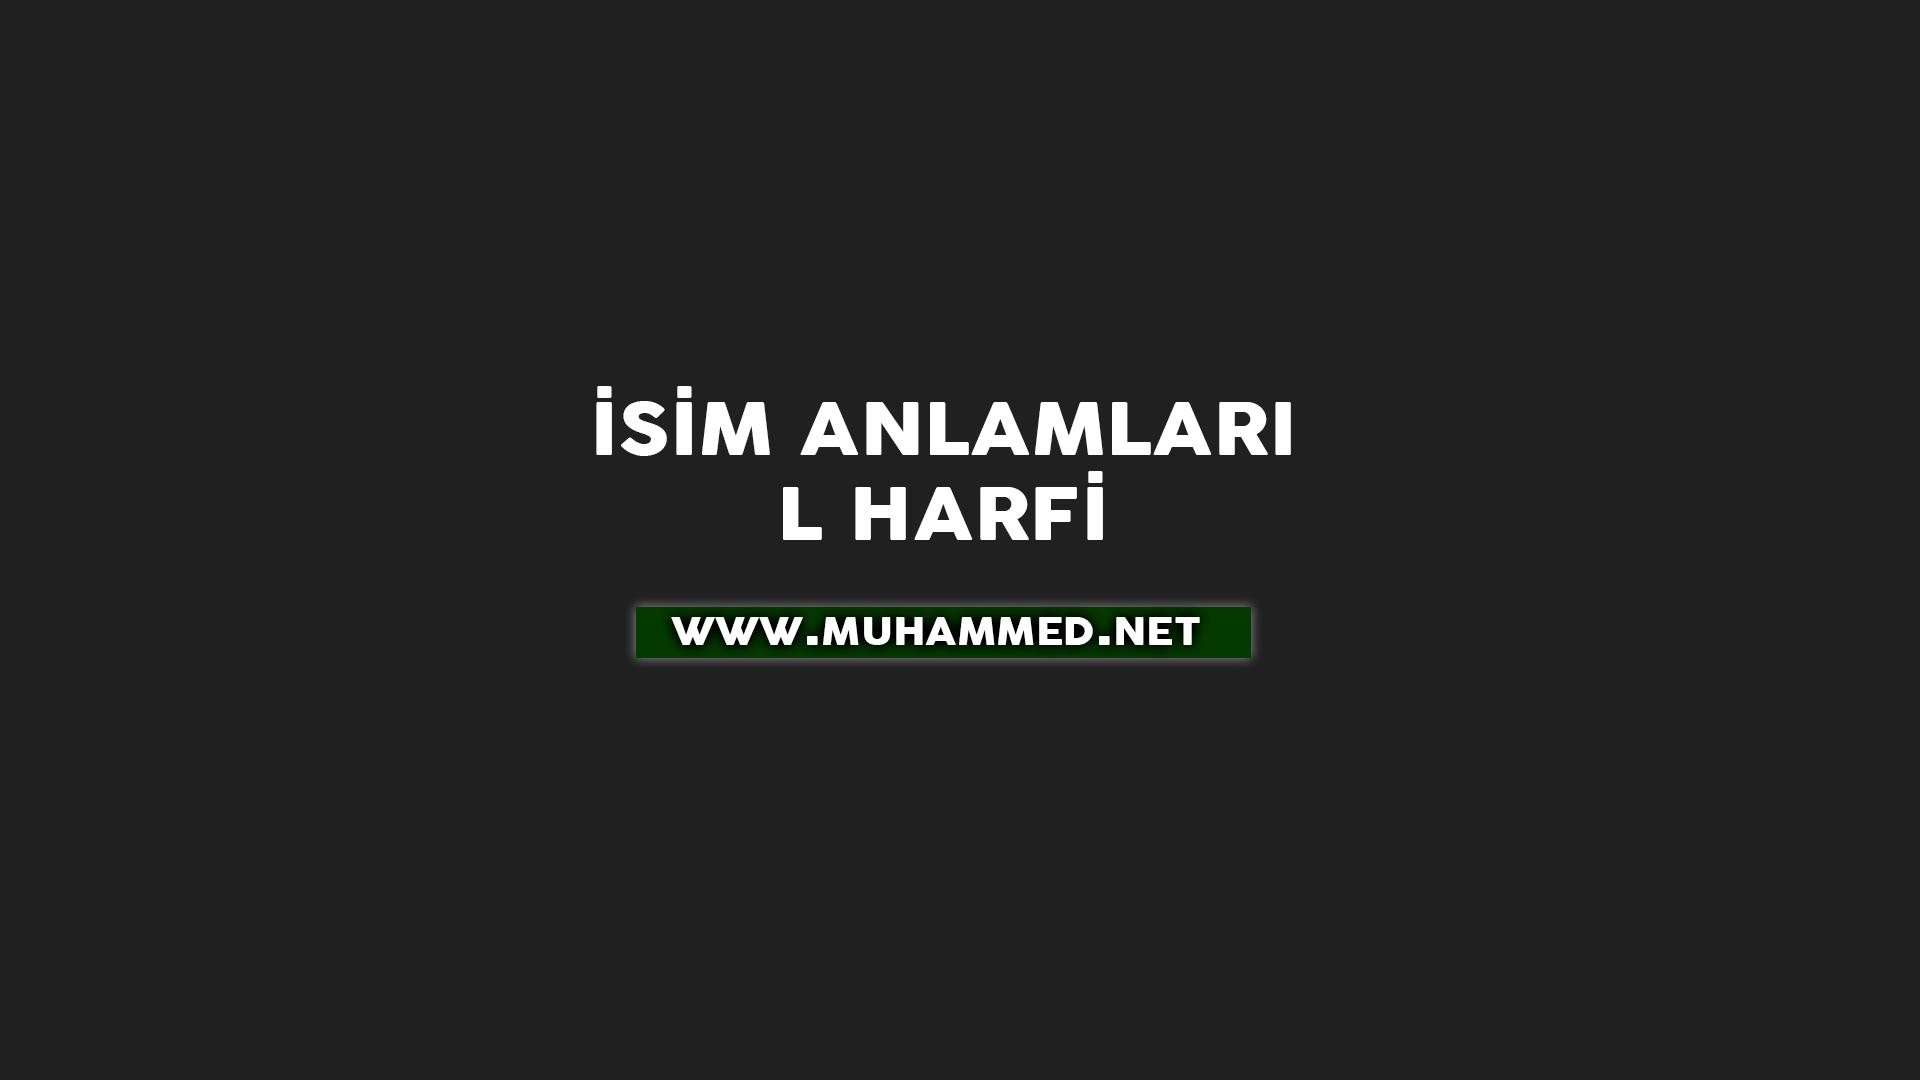 İsim Anlamları - L Harfi